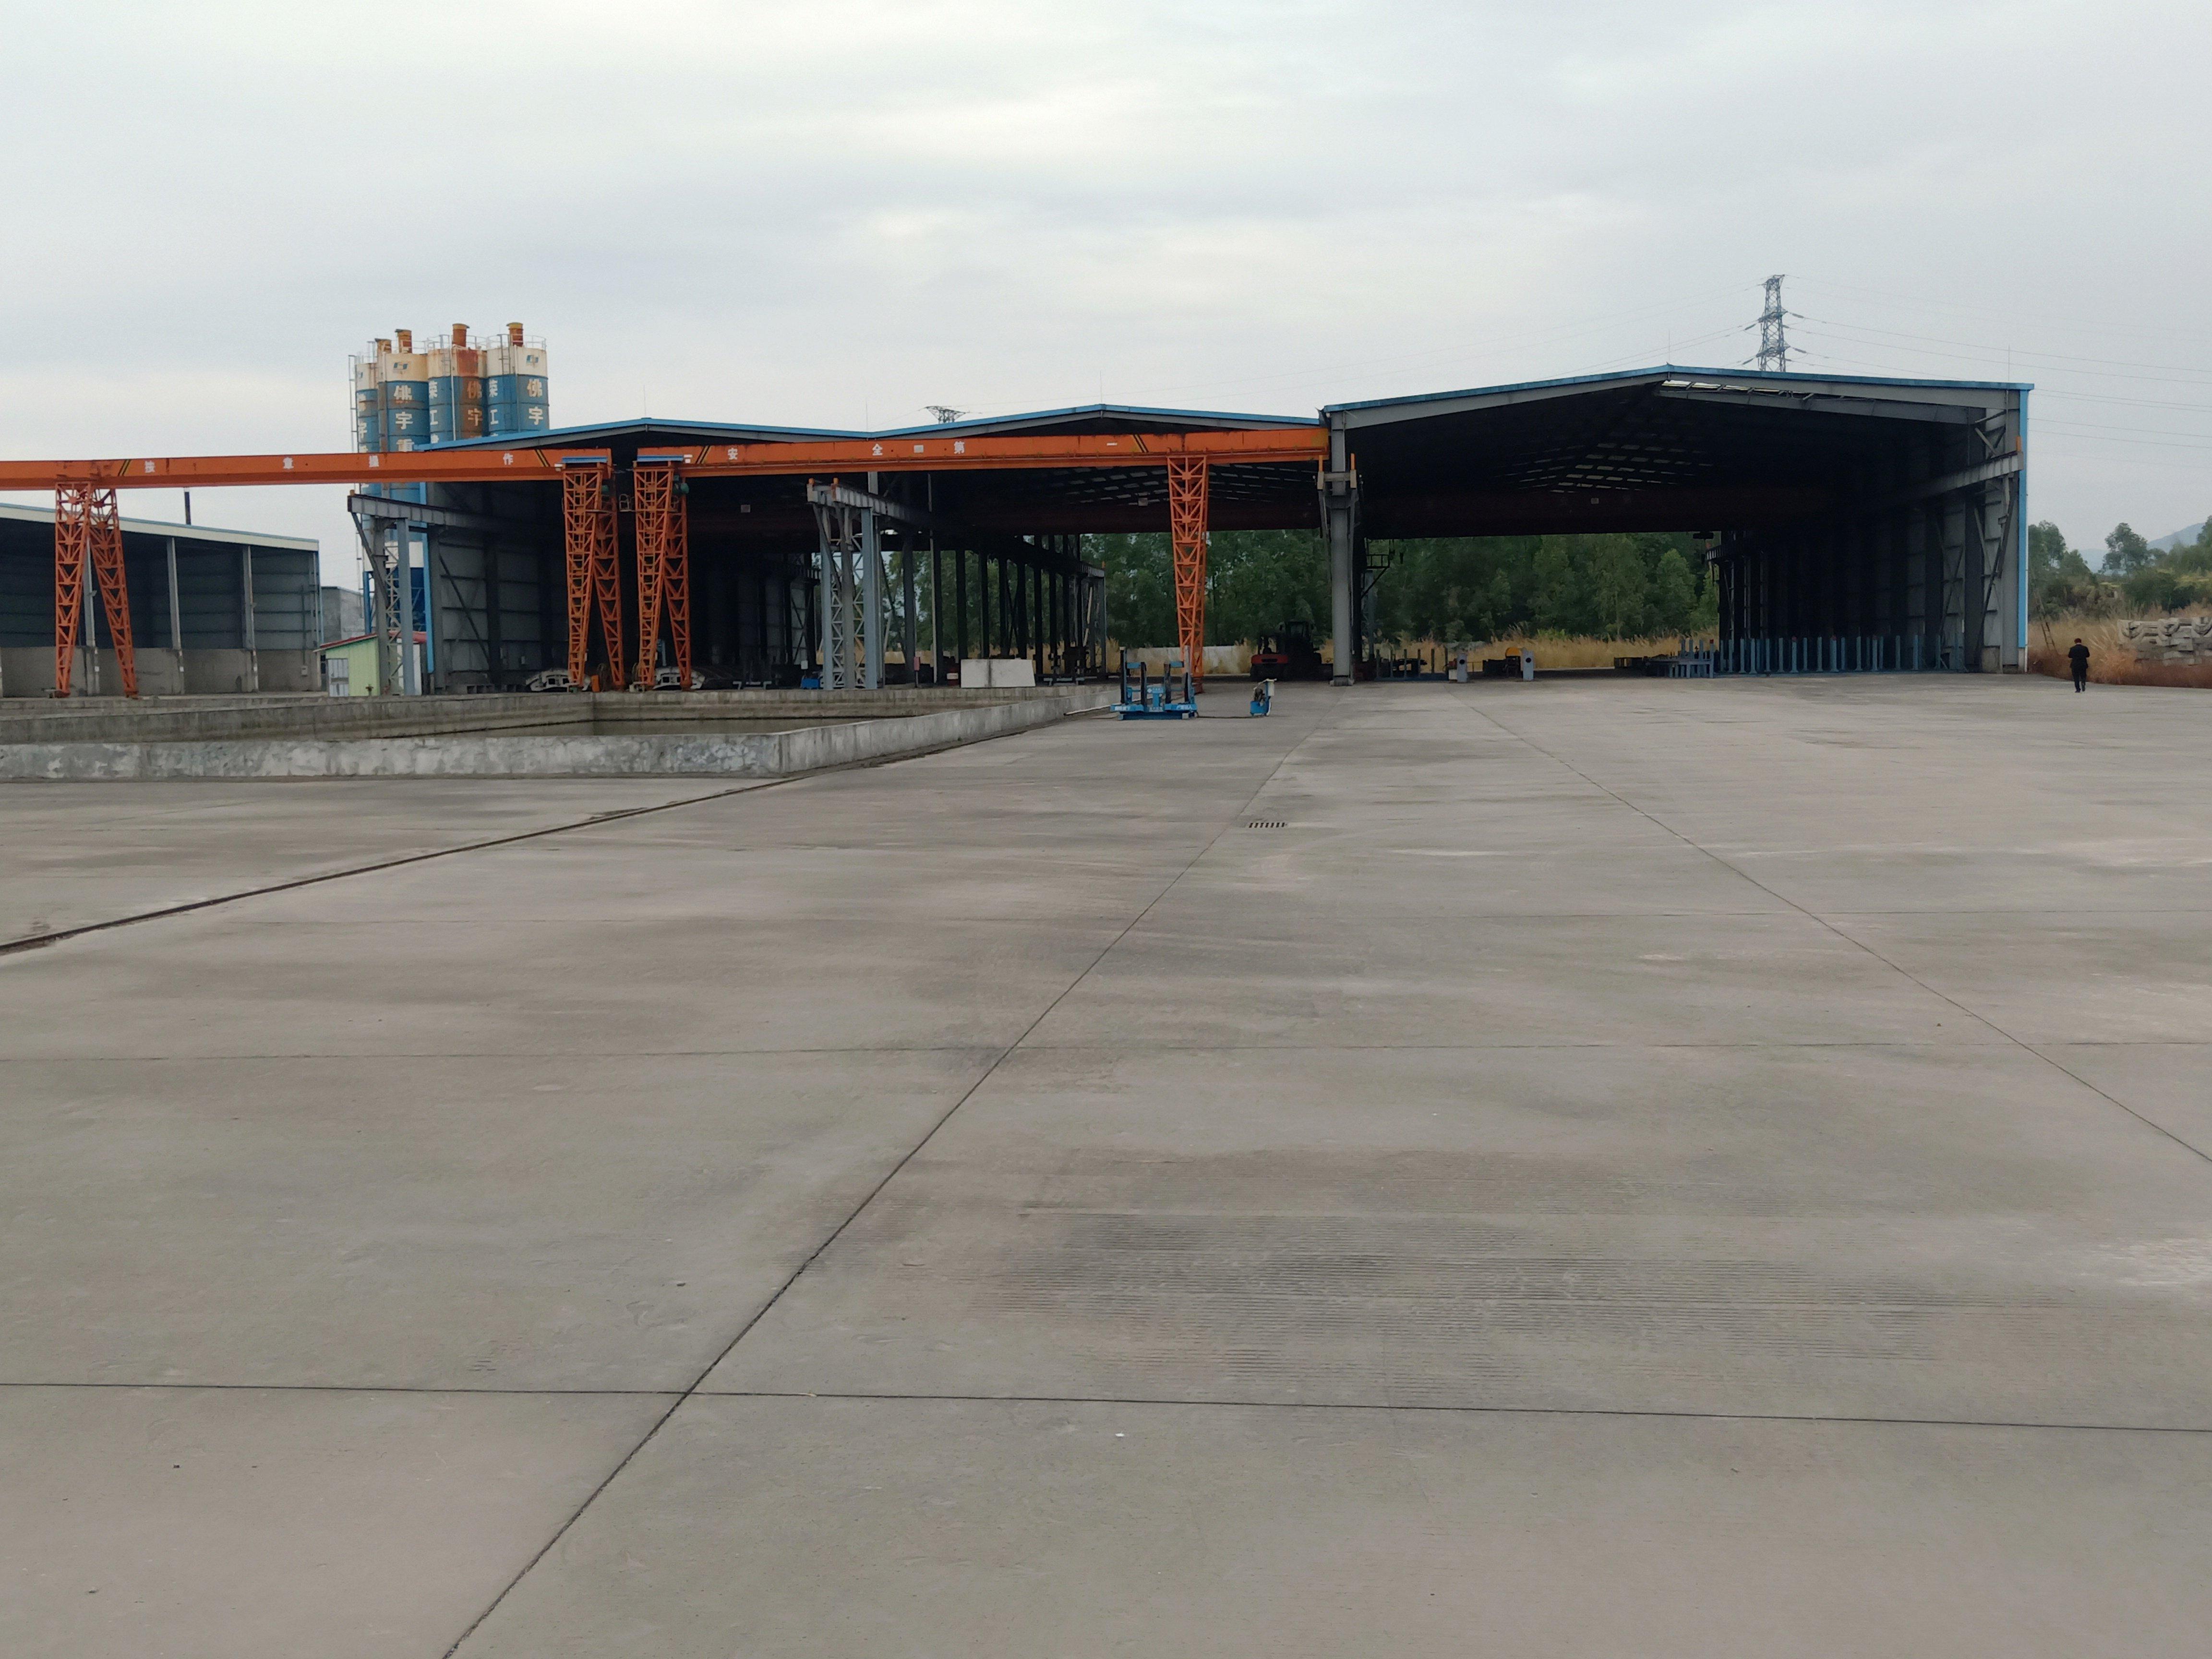 东莞石排镇重工业厂房出售,占地100亩,建筑面积34000平